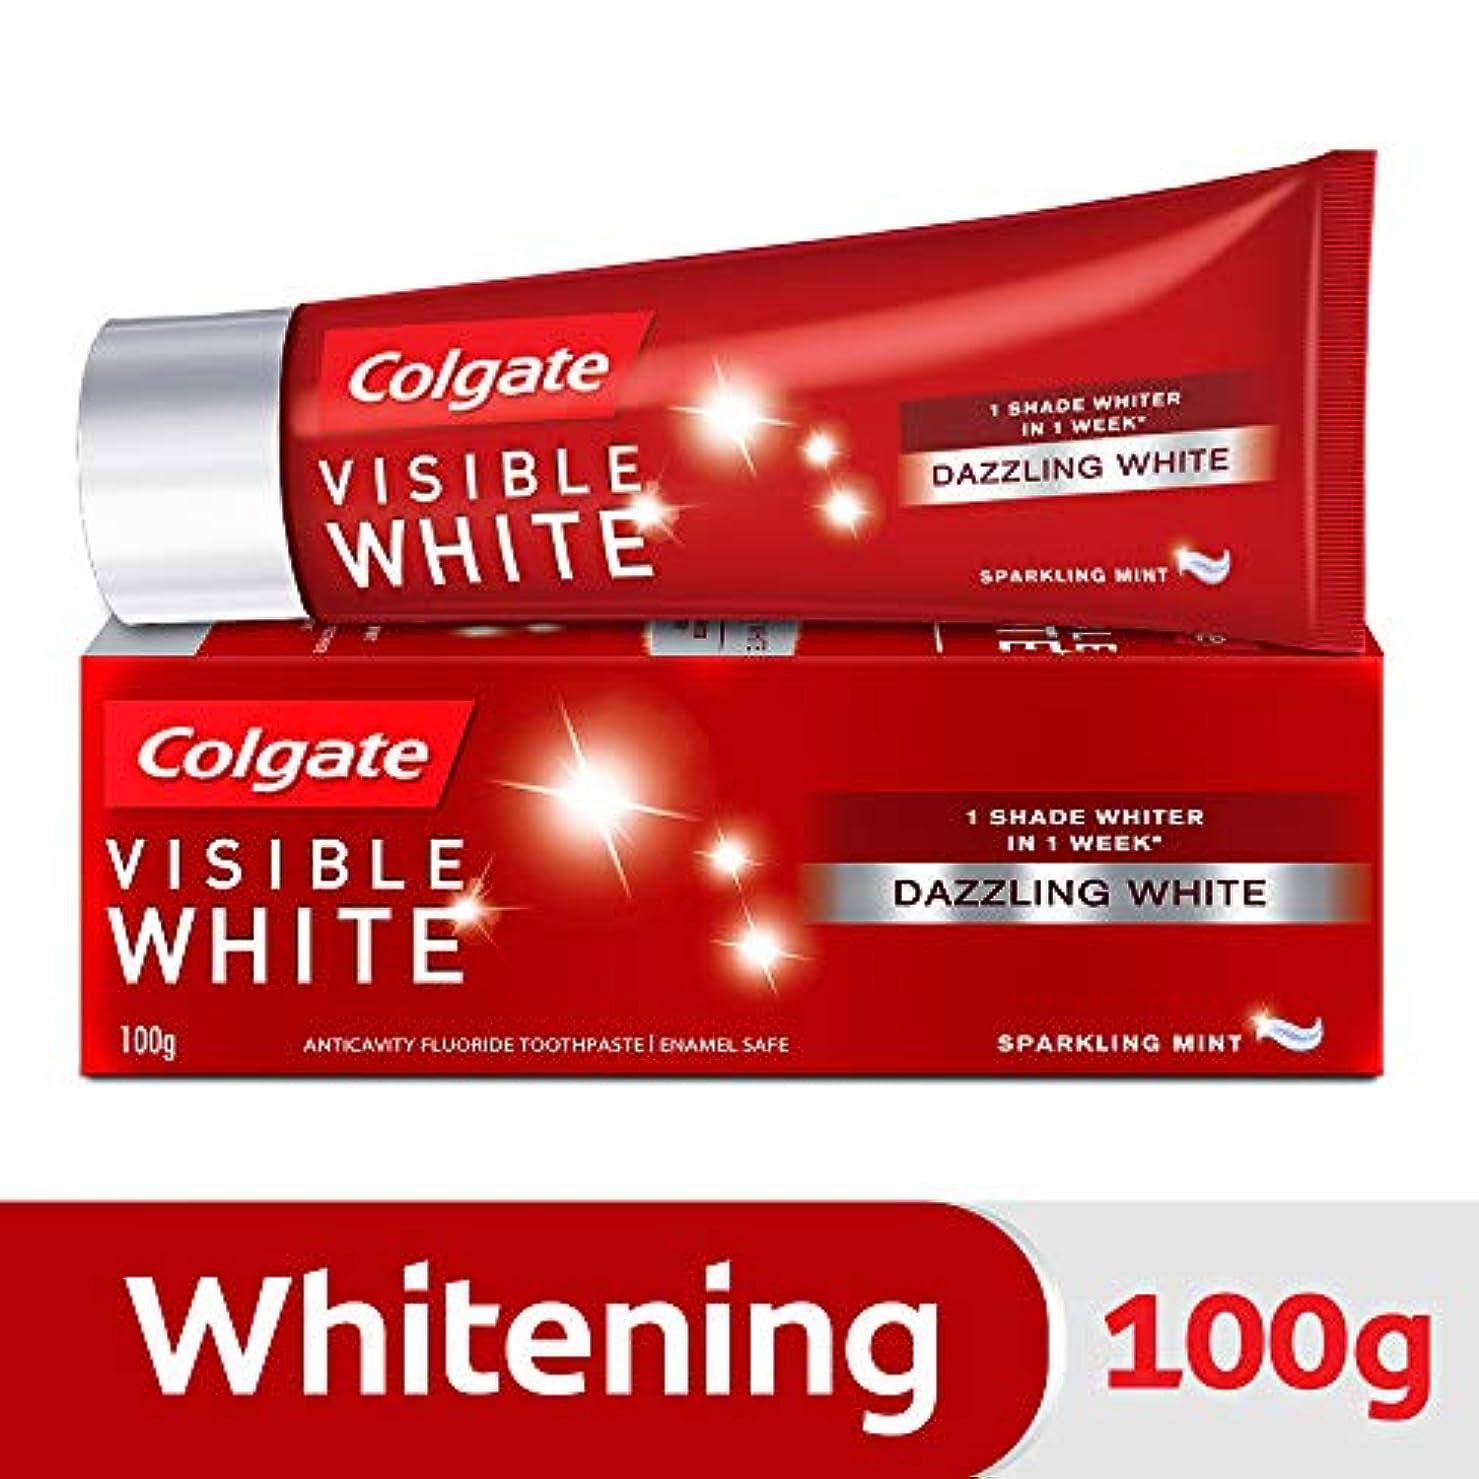 インデックス覚醒通知Colgate Visible White Dazzling White Toothpaste, Sparkling Mint - 100gm